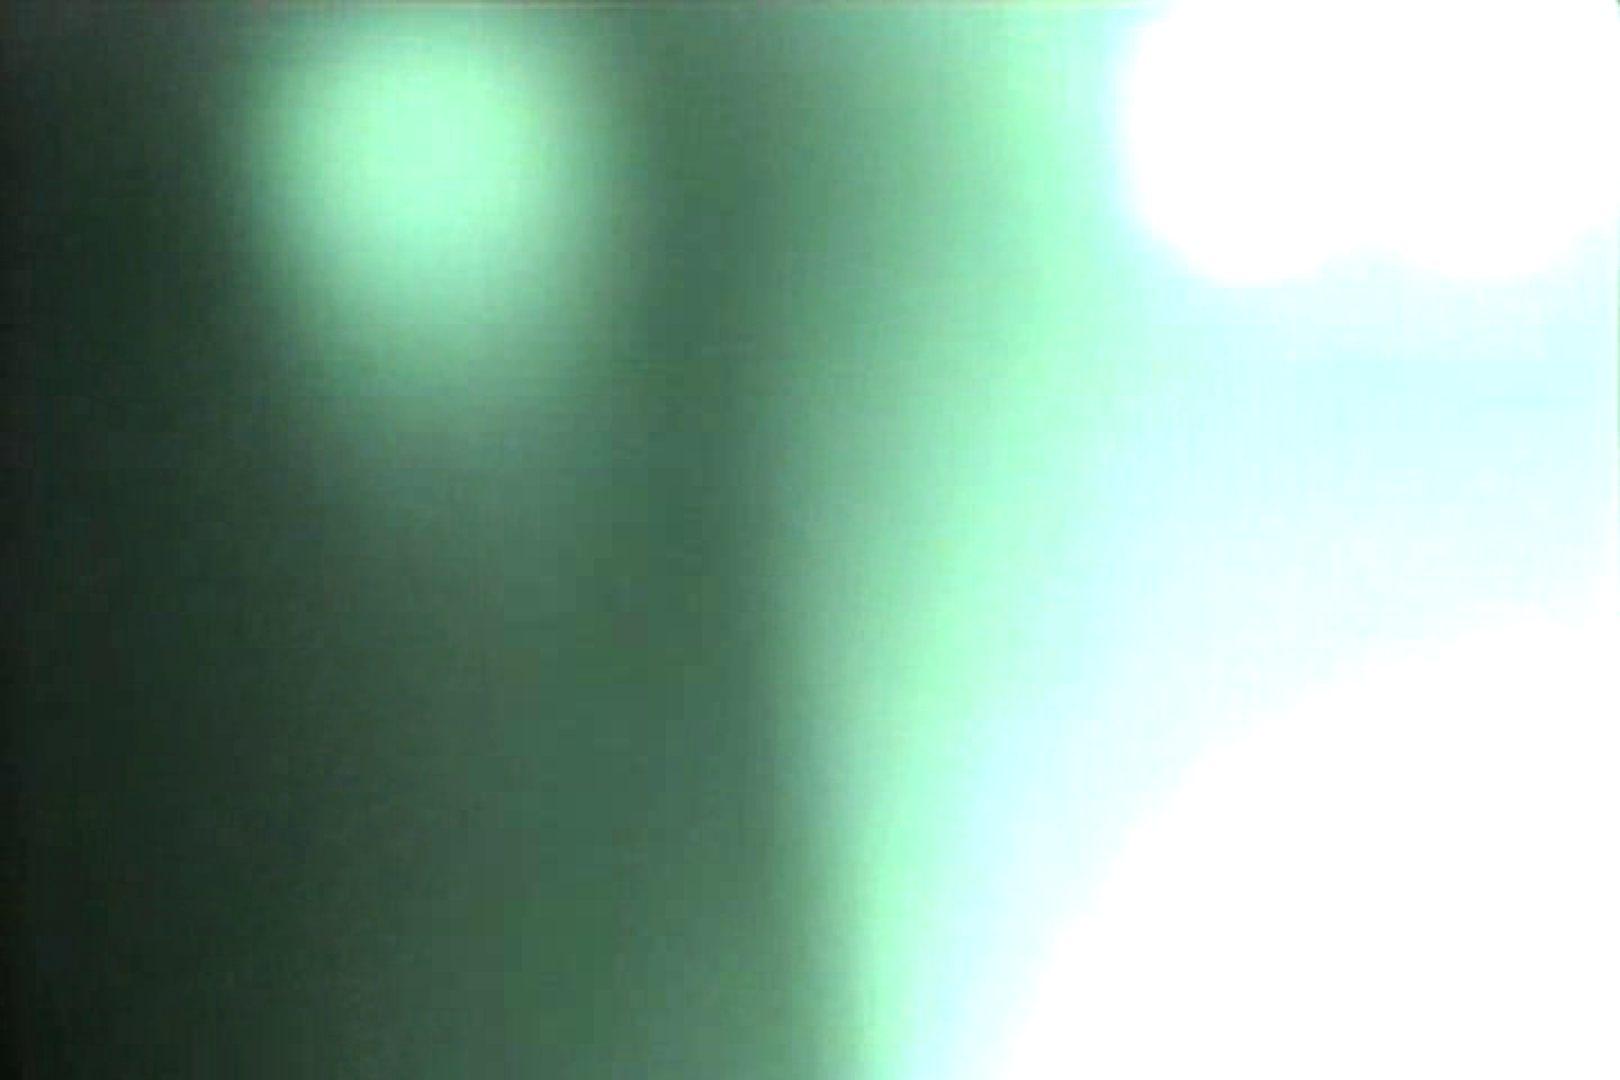 蔵出し!!赤外線カーセックスVol.2 OLセックス  93画像 5